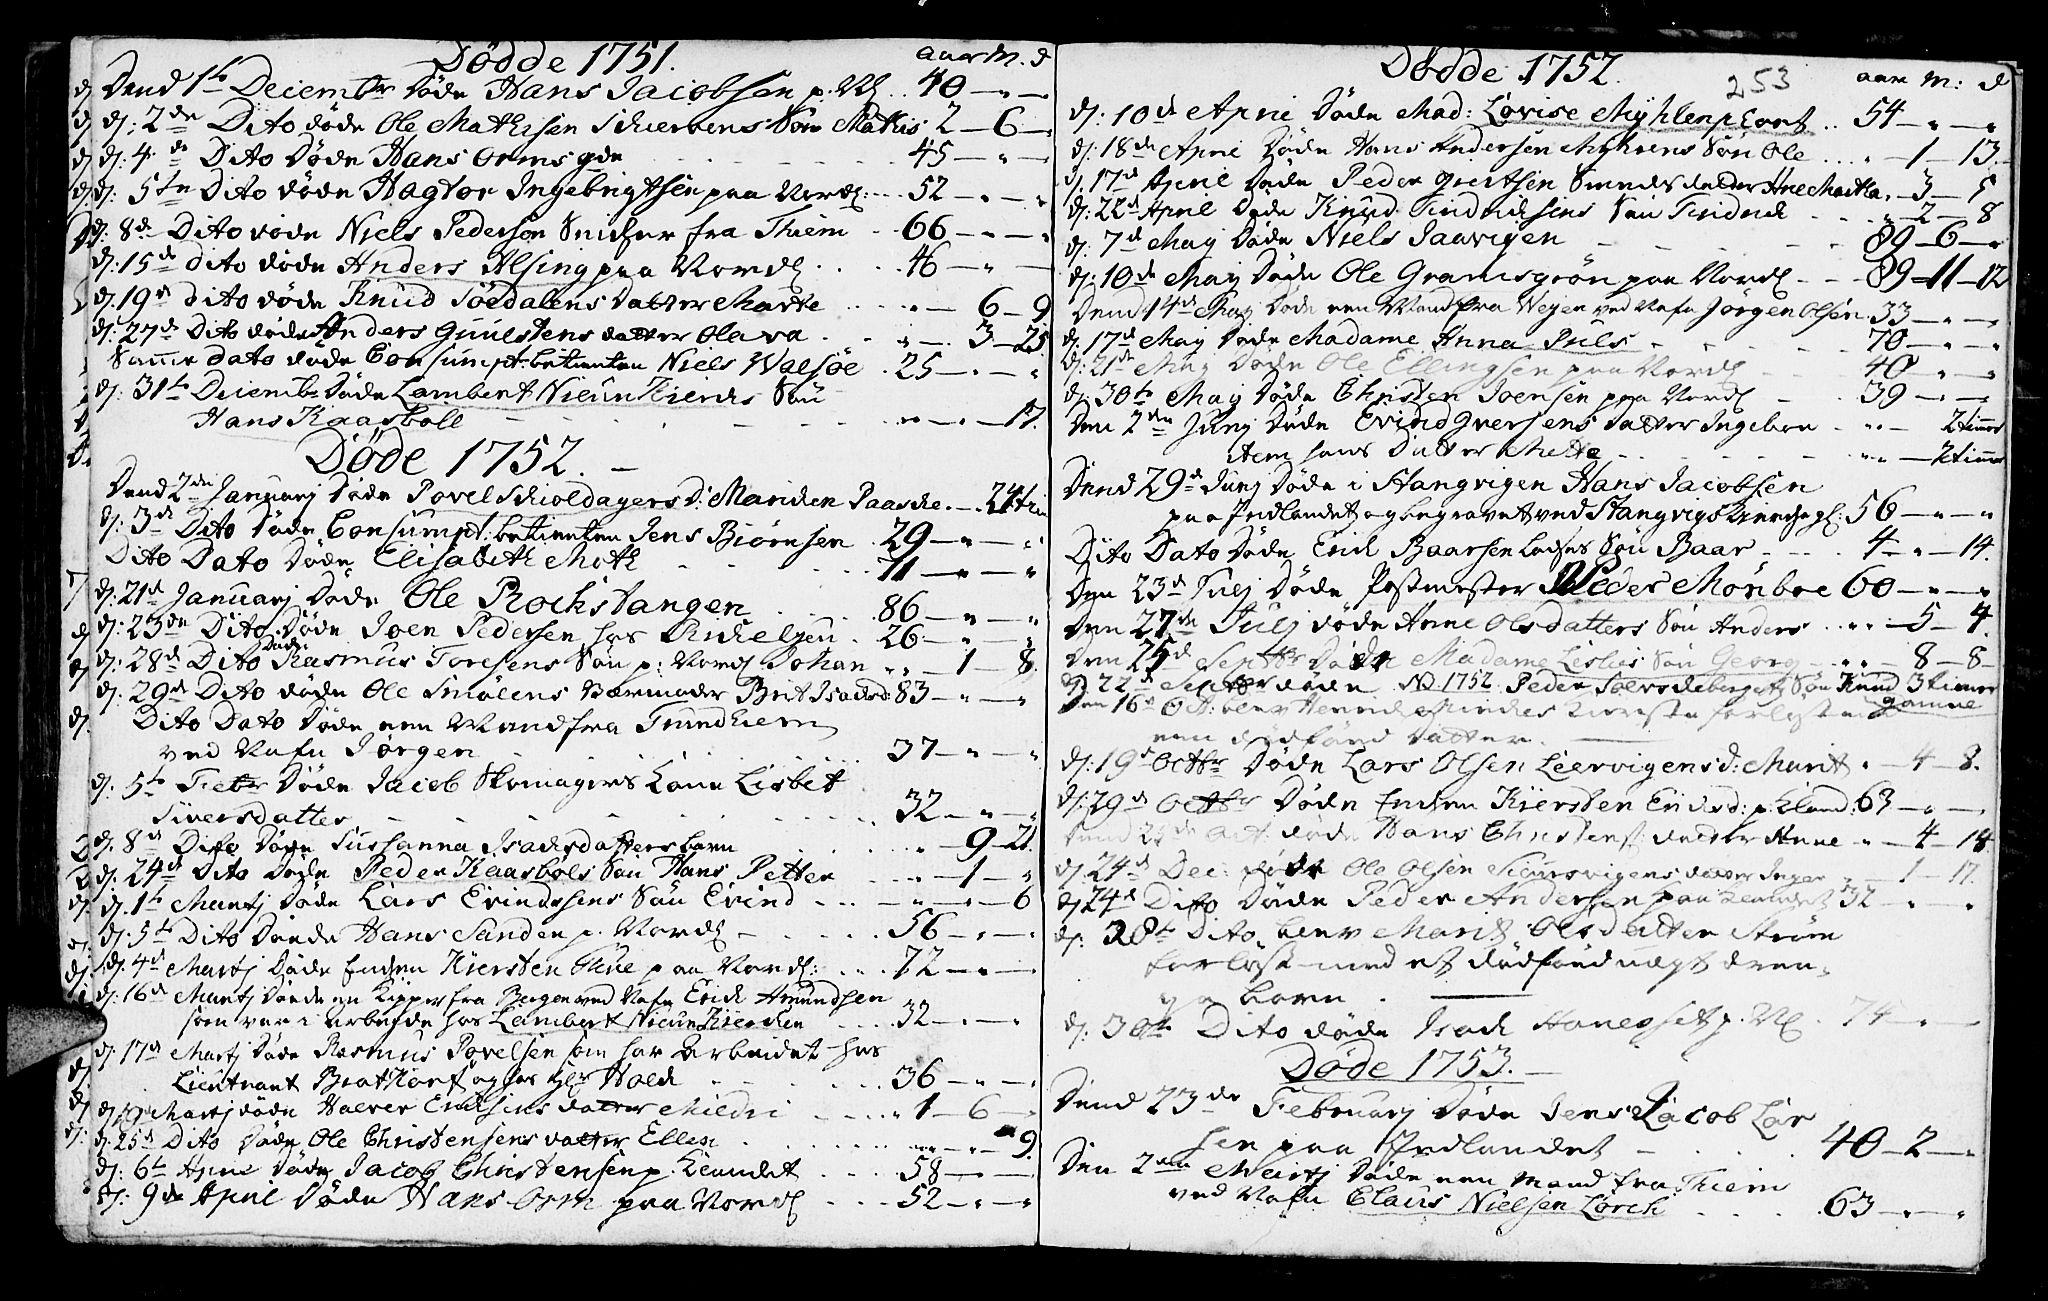 SAT, Ministerialprotokoller, klokkerbøker og fødselsregistre - Møre og Romsdal, 572/L0839: Parish register (official) no. 572A02, 1739-1754, p. 252-253